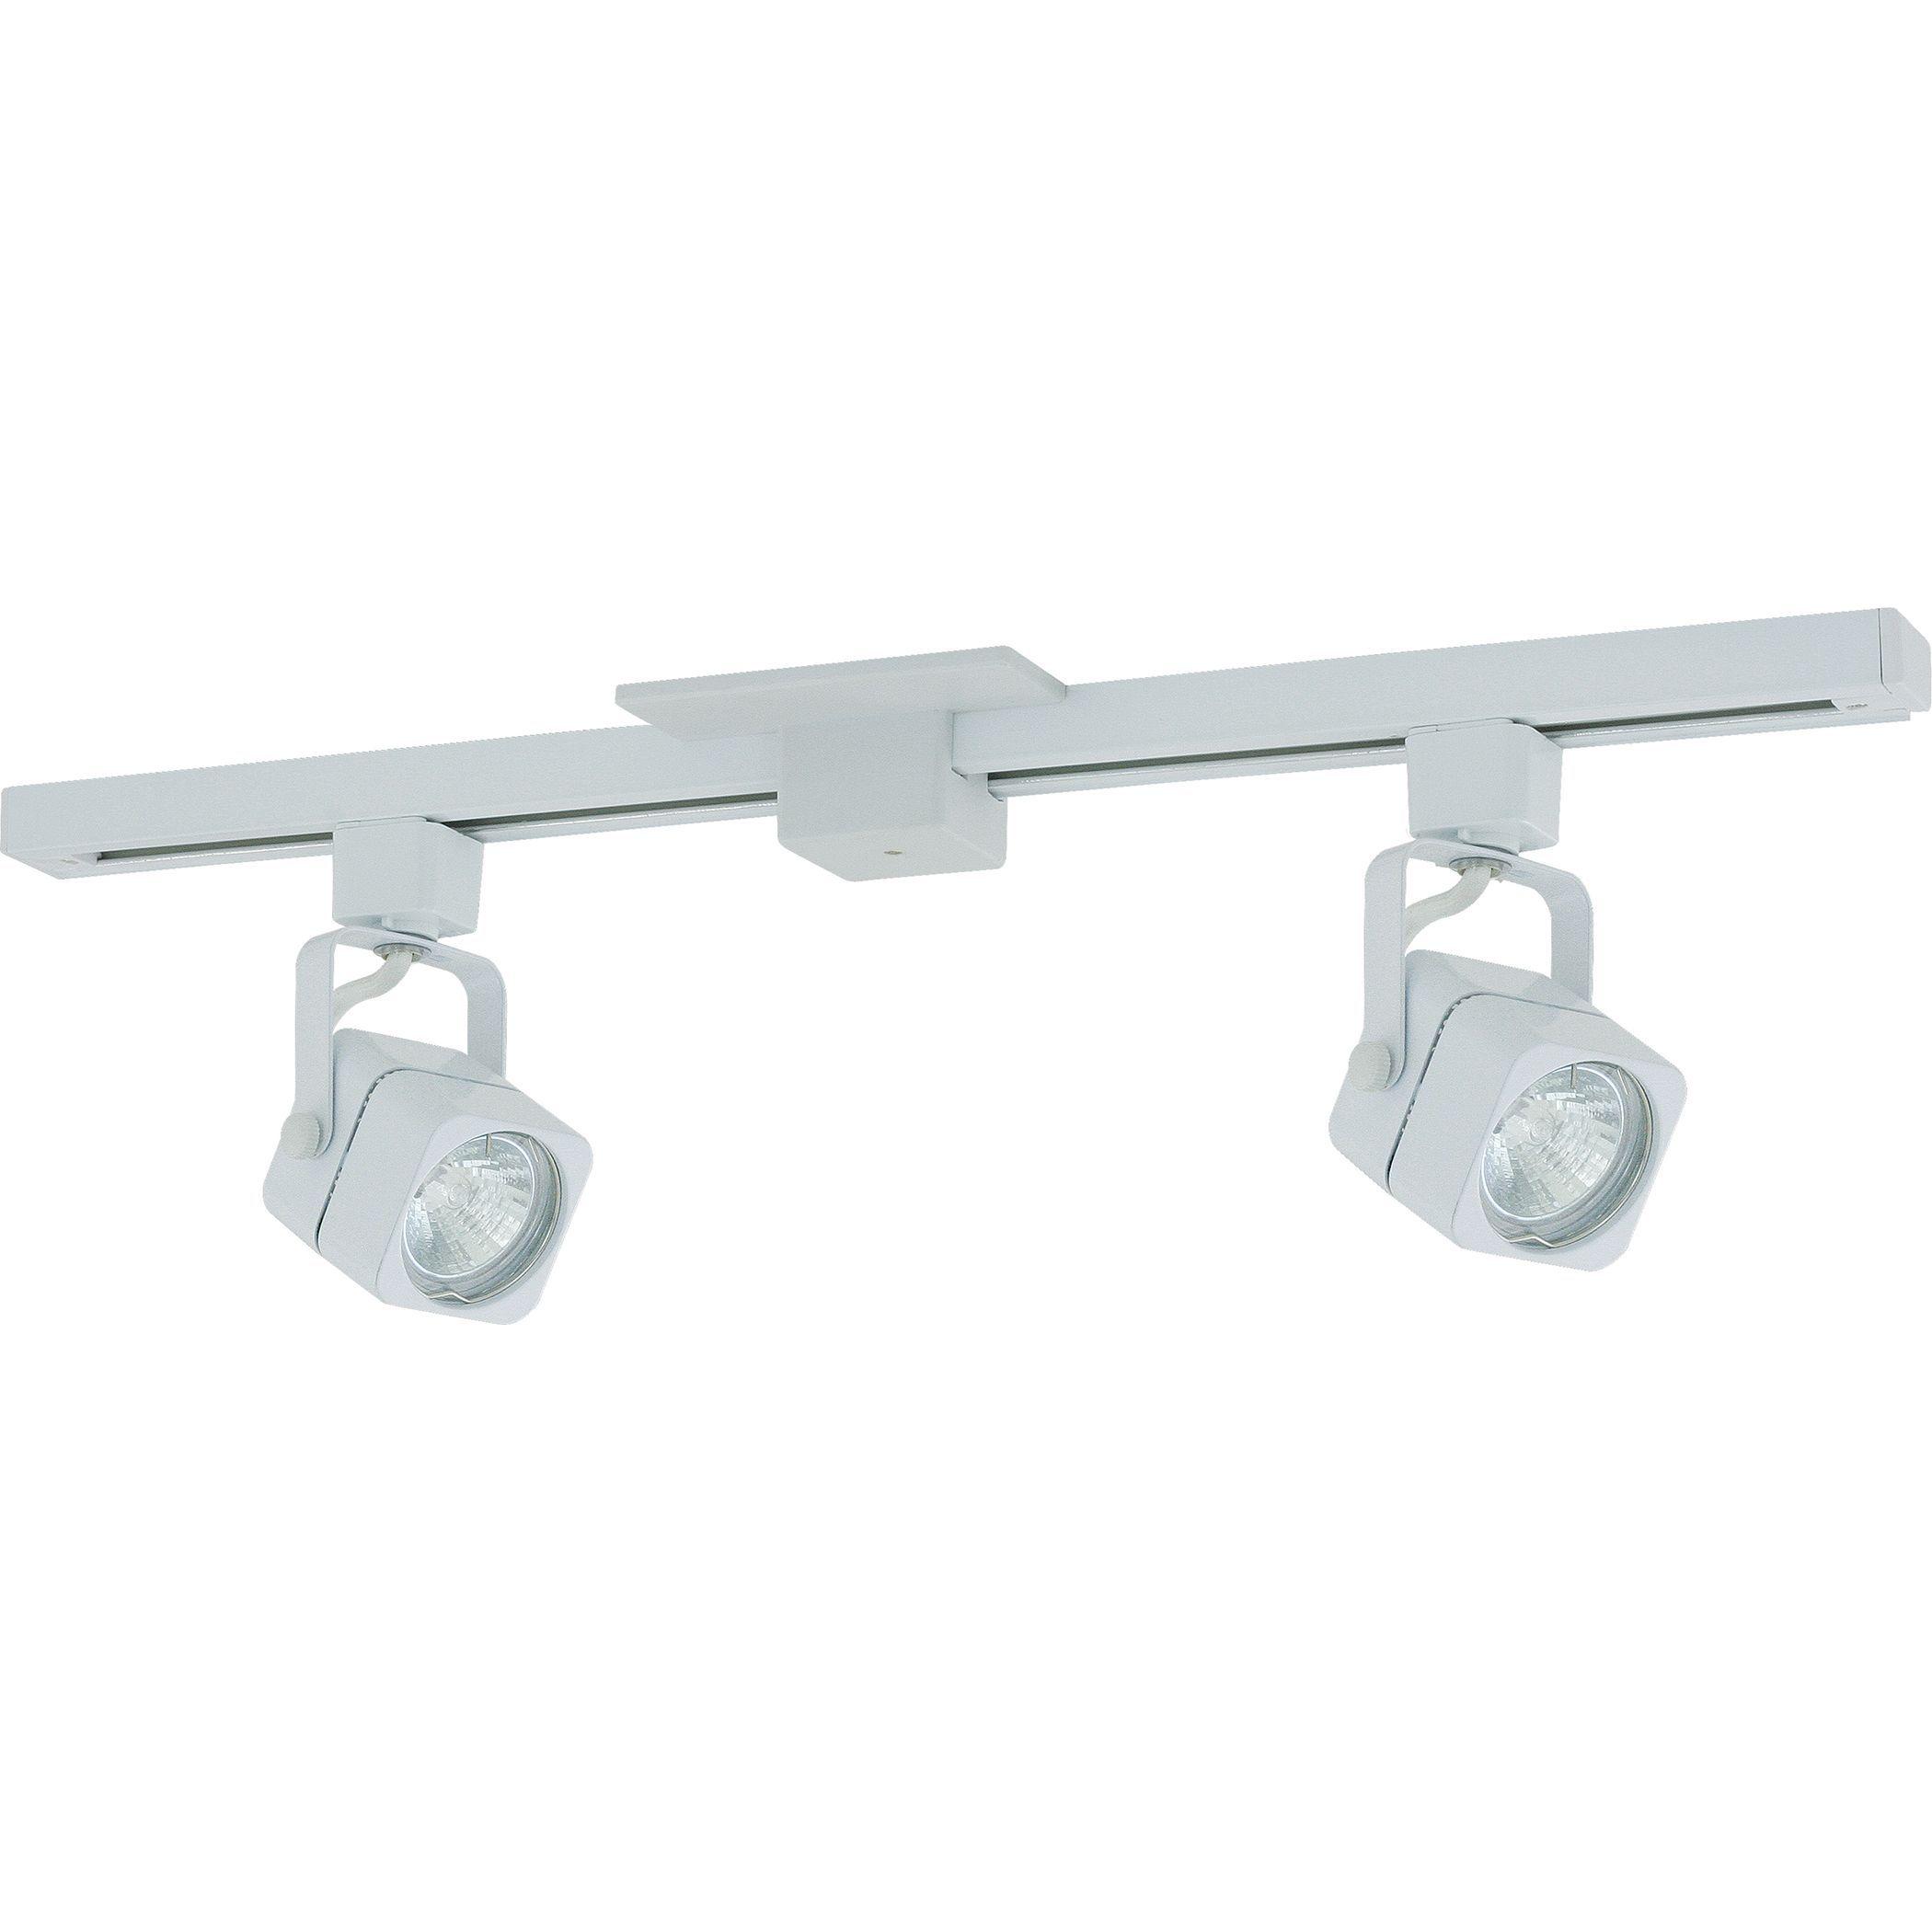 Liteline Corporation 71250 90800 2 White Apollo Track Lighting Fixture